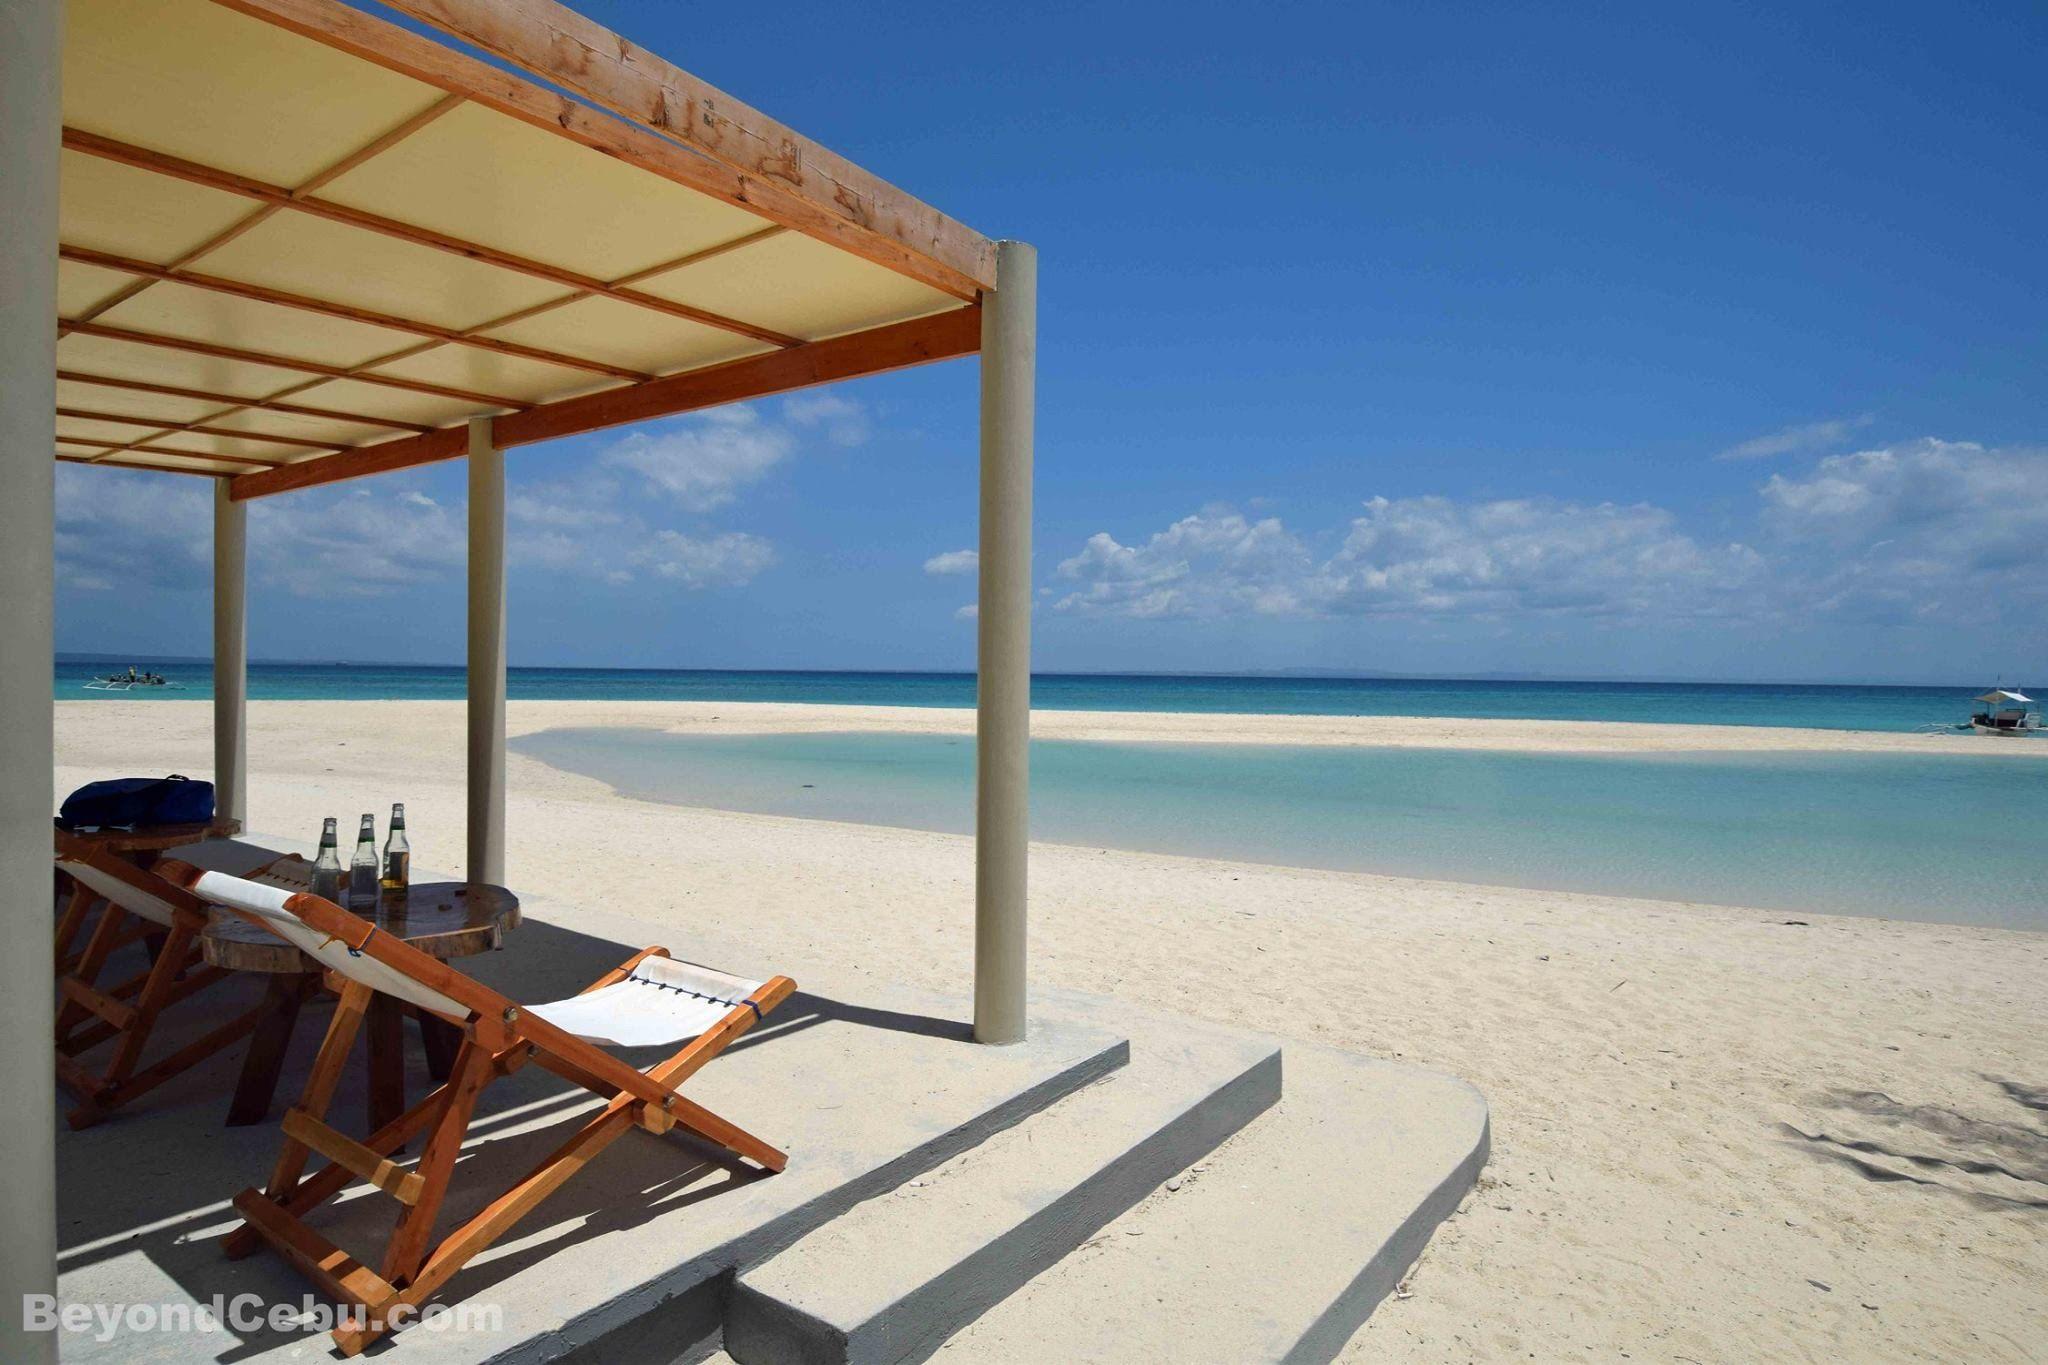 Kota Beach Resort Bantayan Island Cebu Philippine Resorts